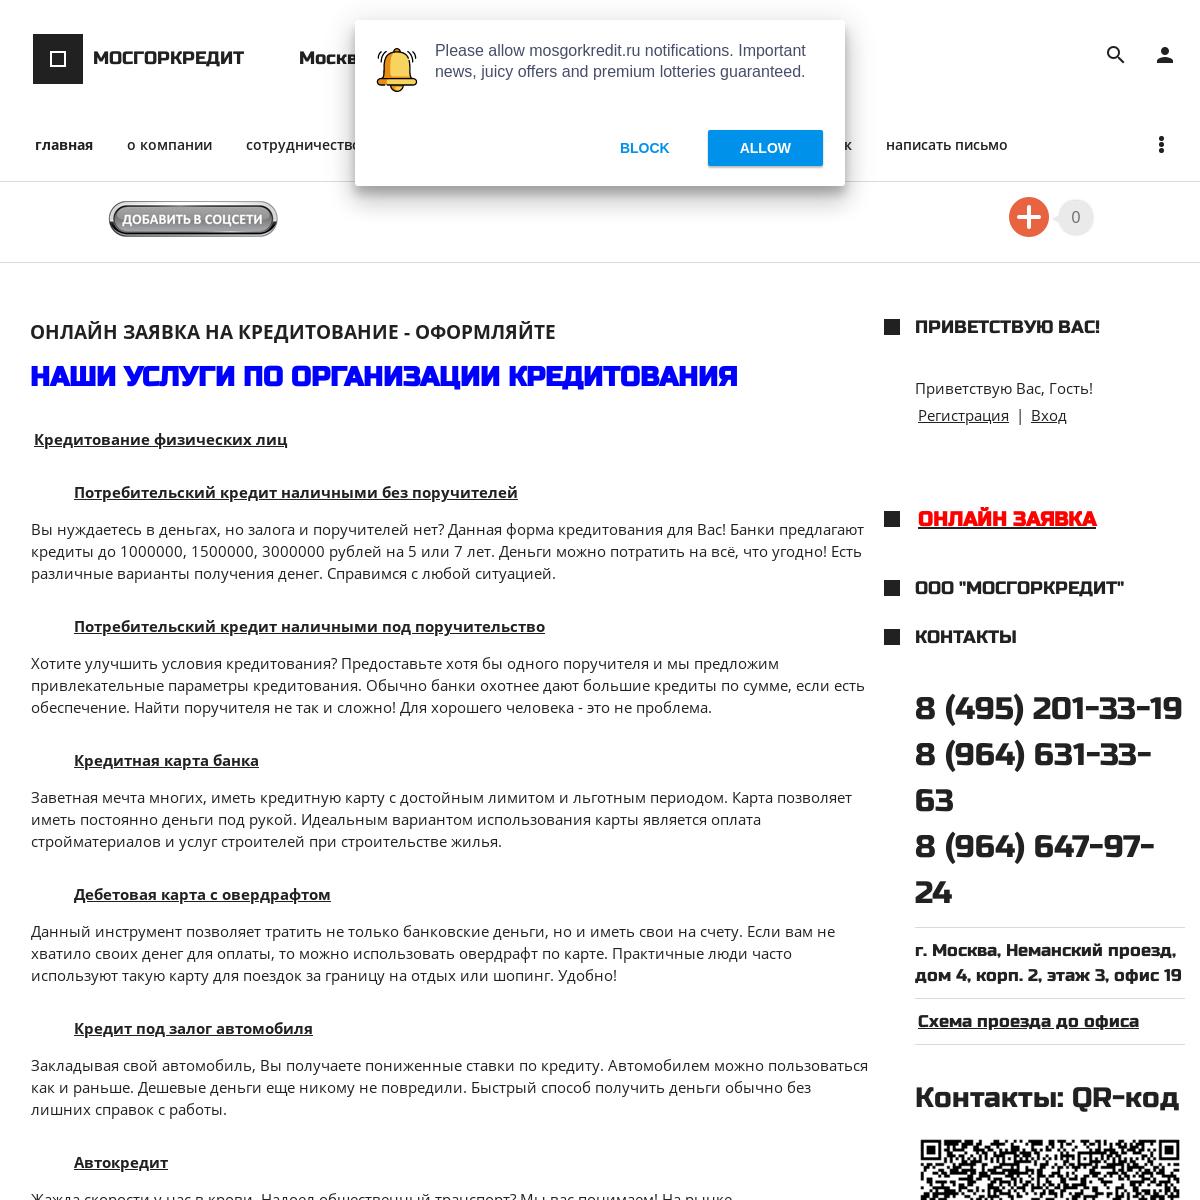 Кредитный брокер МОСГОРКРЕДИТ - Кредитный брокер МОСГОРКРЕДИТ - ОНЛАЙ